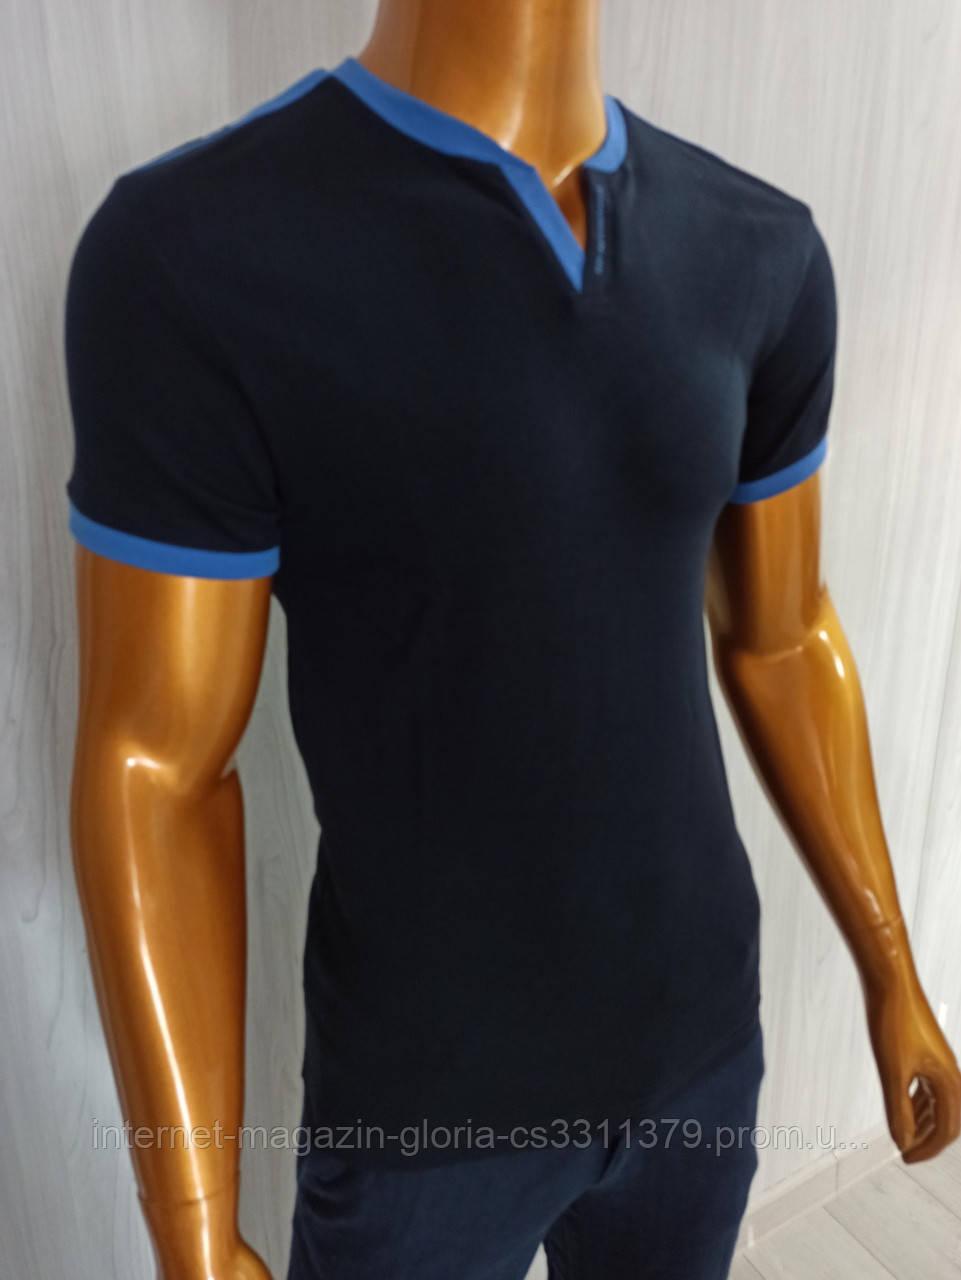 Мужская футболка MSY. 21373-8152. Размеры: M,L,XL,XXL,XXXL.